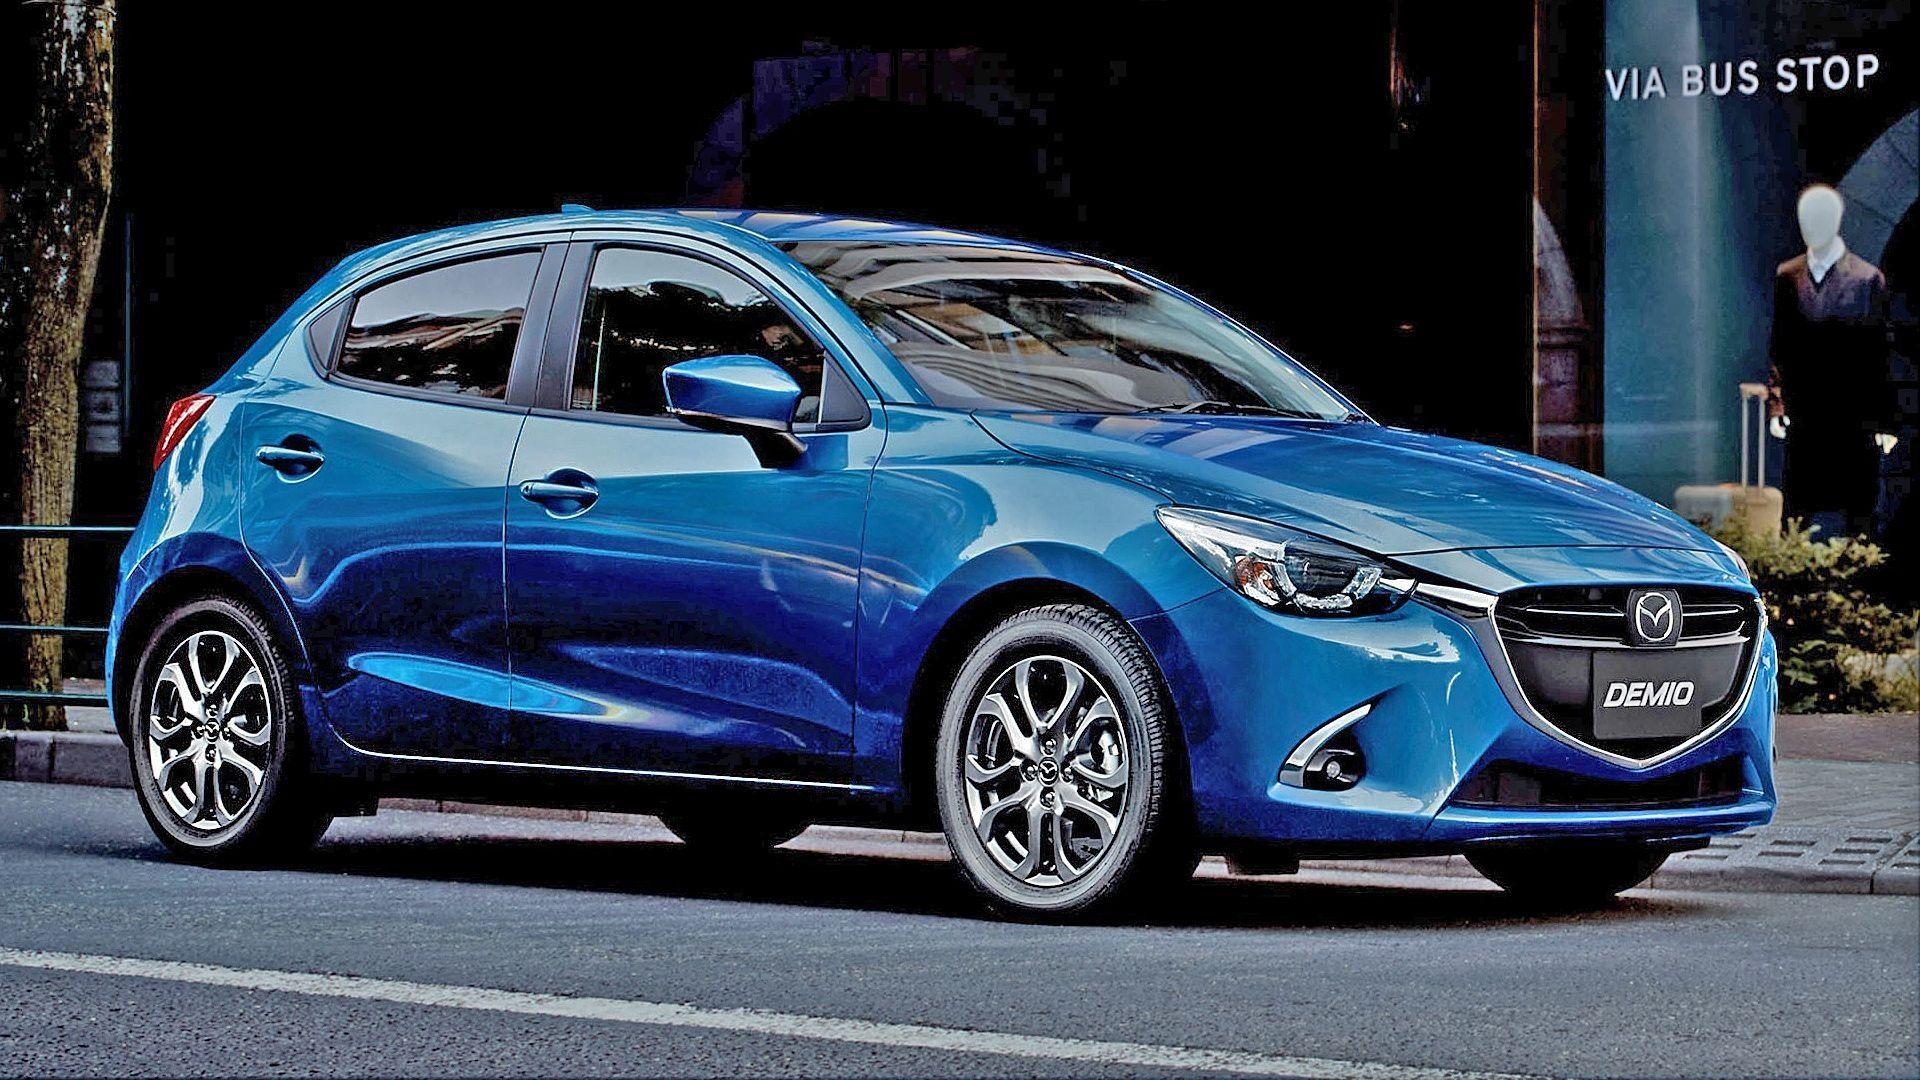 2019 Mazda Demio Review Specs And Release Date Di 2020